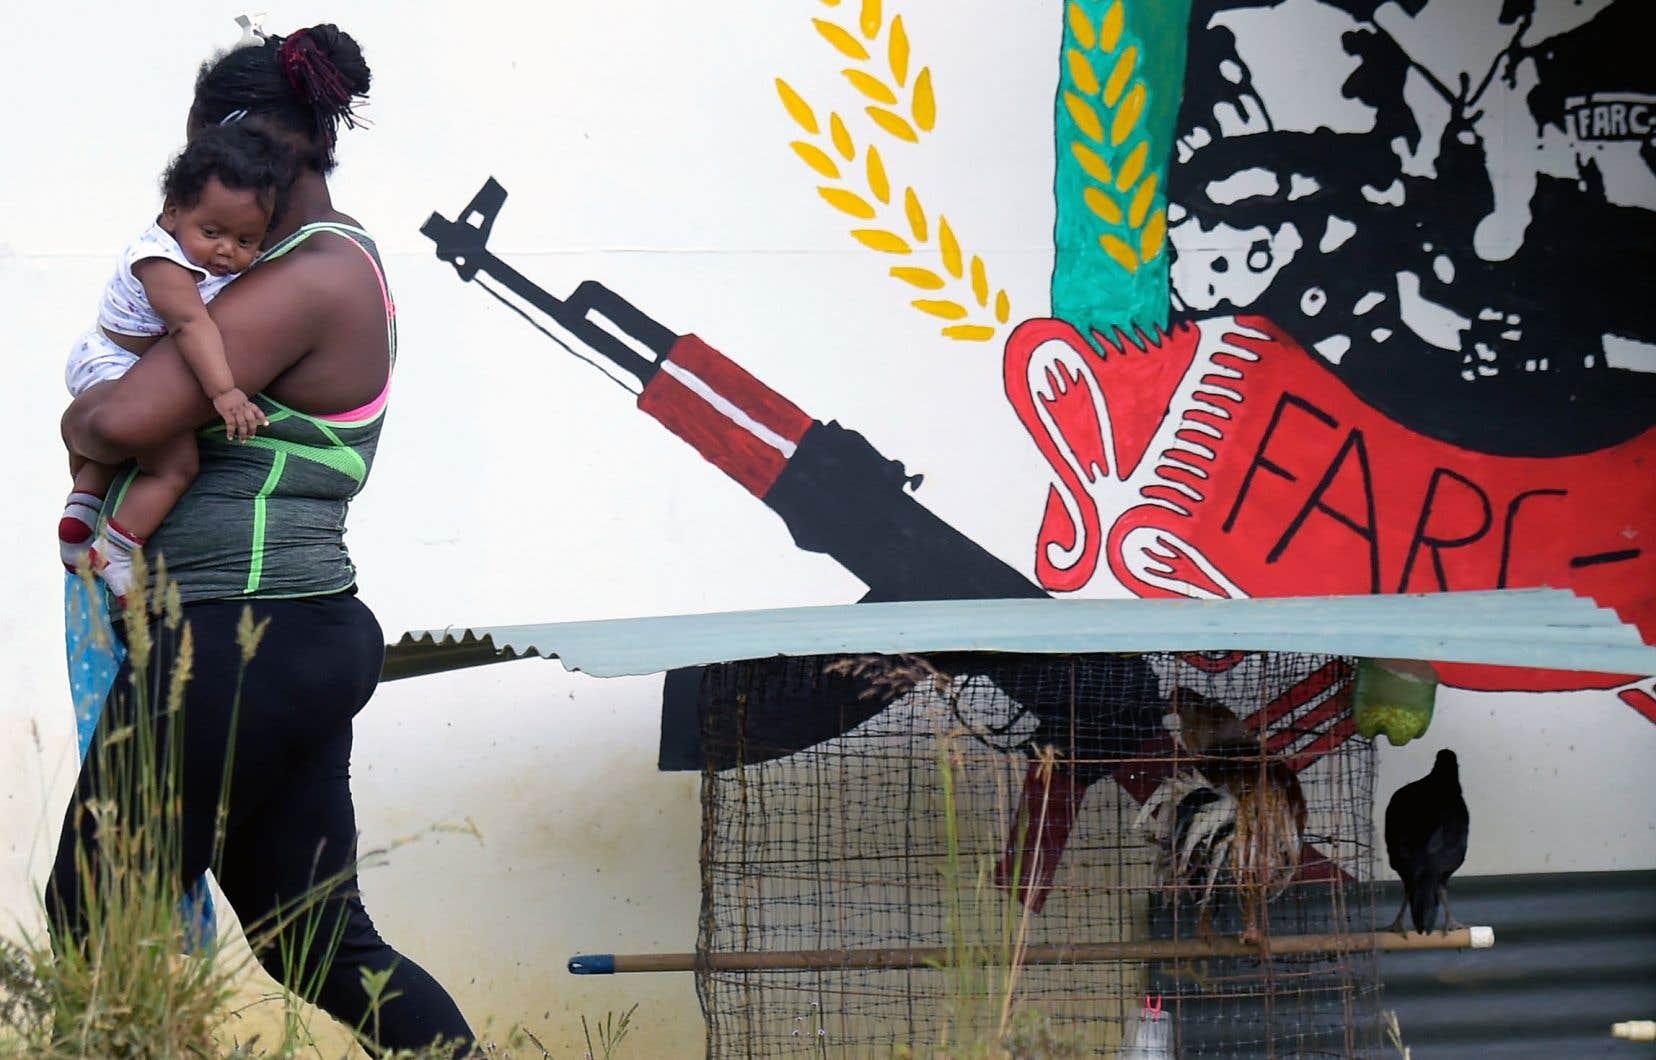 Une ancienne rebelle des FARC transporte son fils dans un territoire où les anciens combattants reçoivent des formations pour les réhabituer à la vie civile. En vertu de l'accord de paix, 7000 anciens combattants ont déposé les armes l'an dernier en échange de la promesse d'être réintégrés dans la société colombienne.